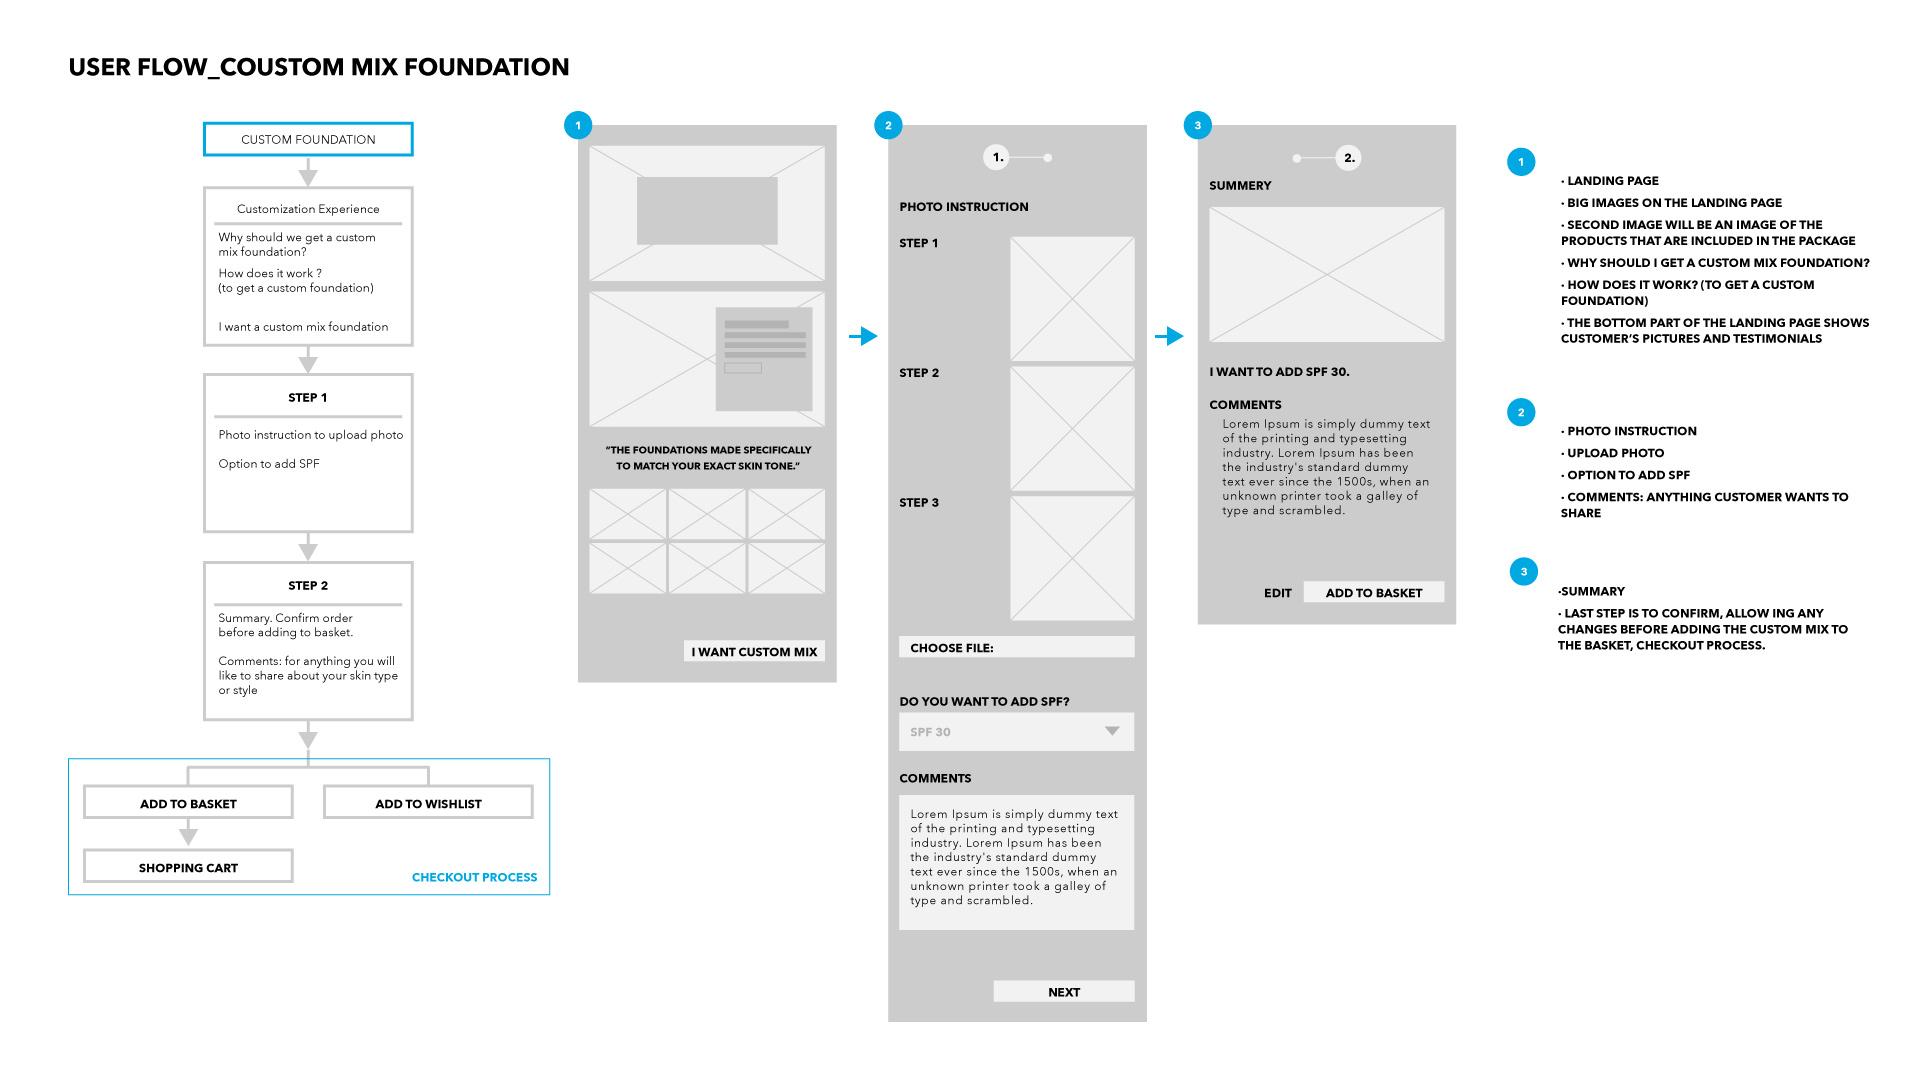 PZL_WebsiteFlow_CustomMix_02.jpg